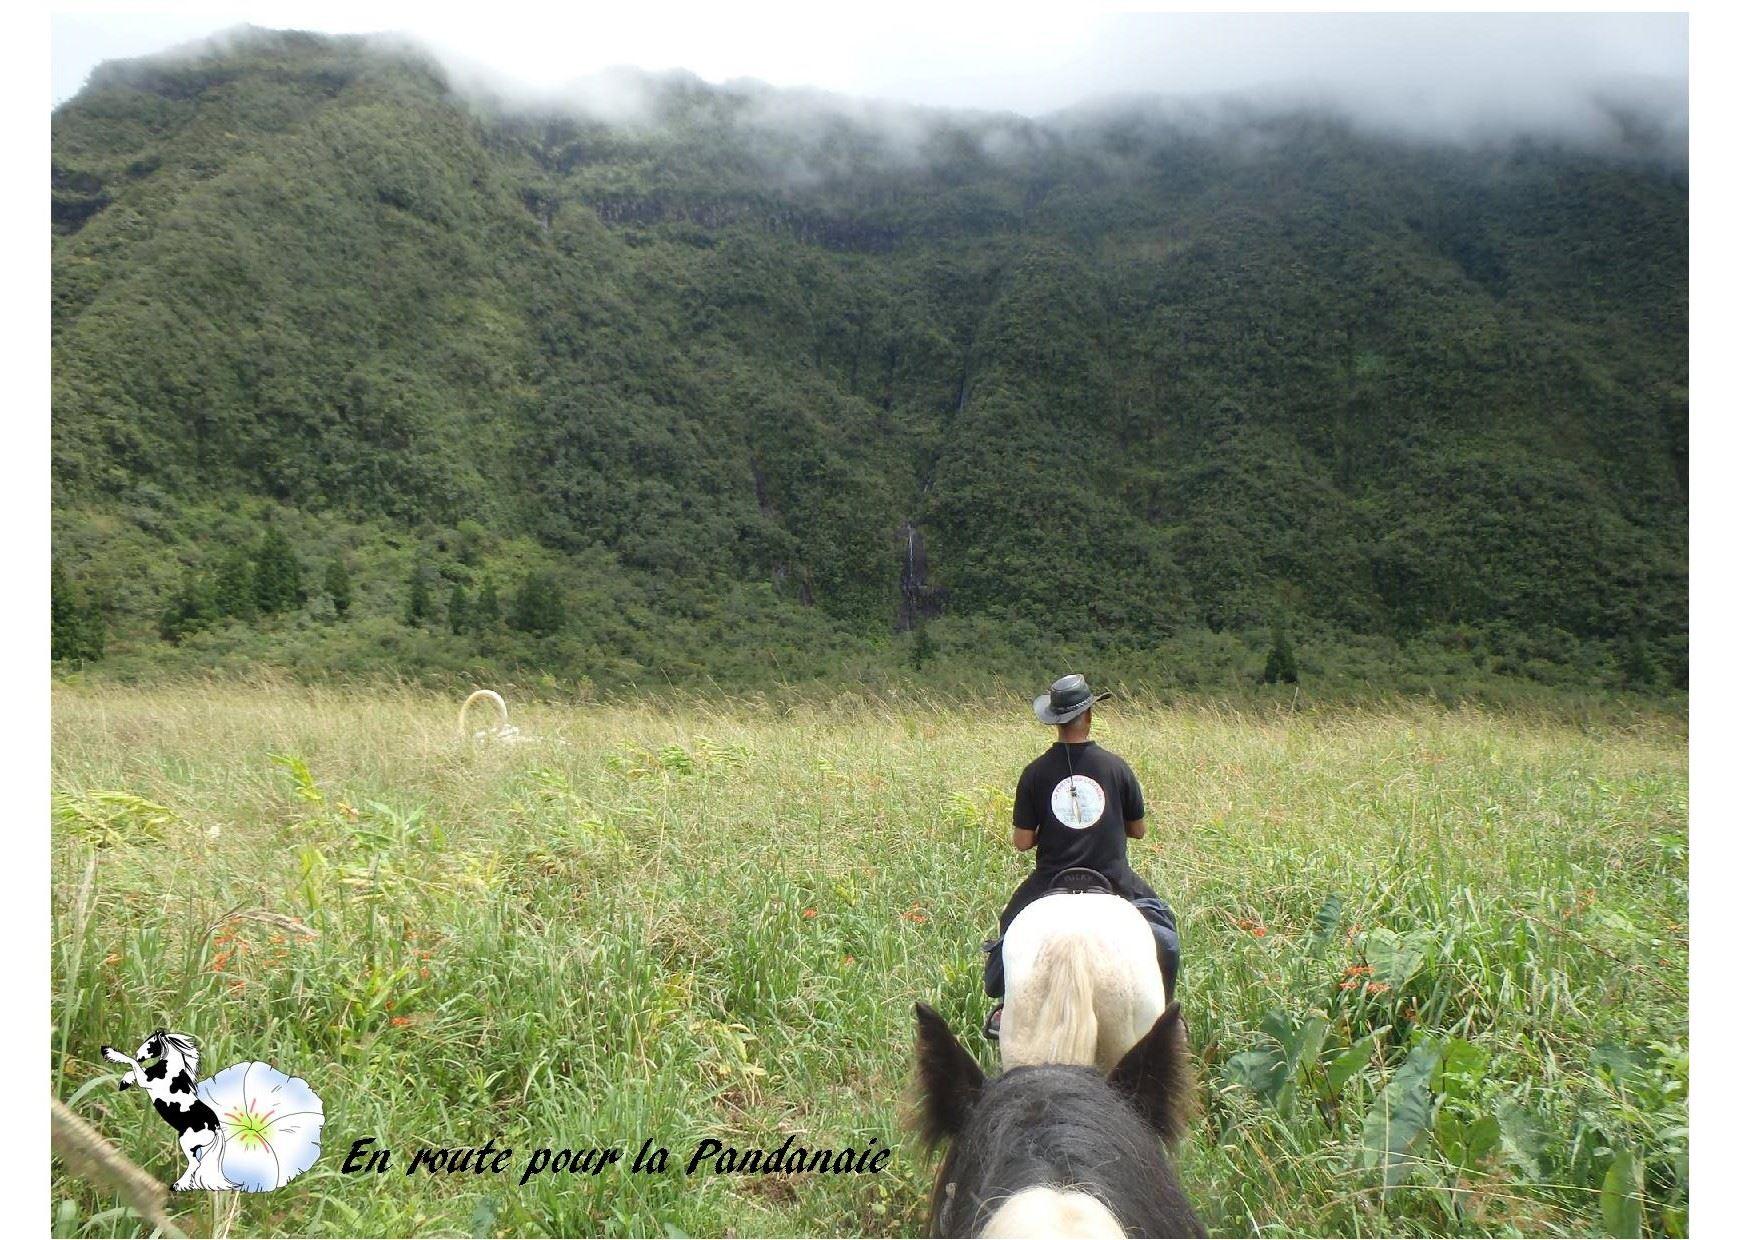 Auf Entdeckung des Feuchtgebiets La Pandanaie und der Wasserfälle auf dem Rücken eines Pferdes